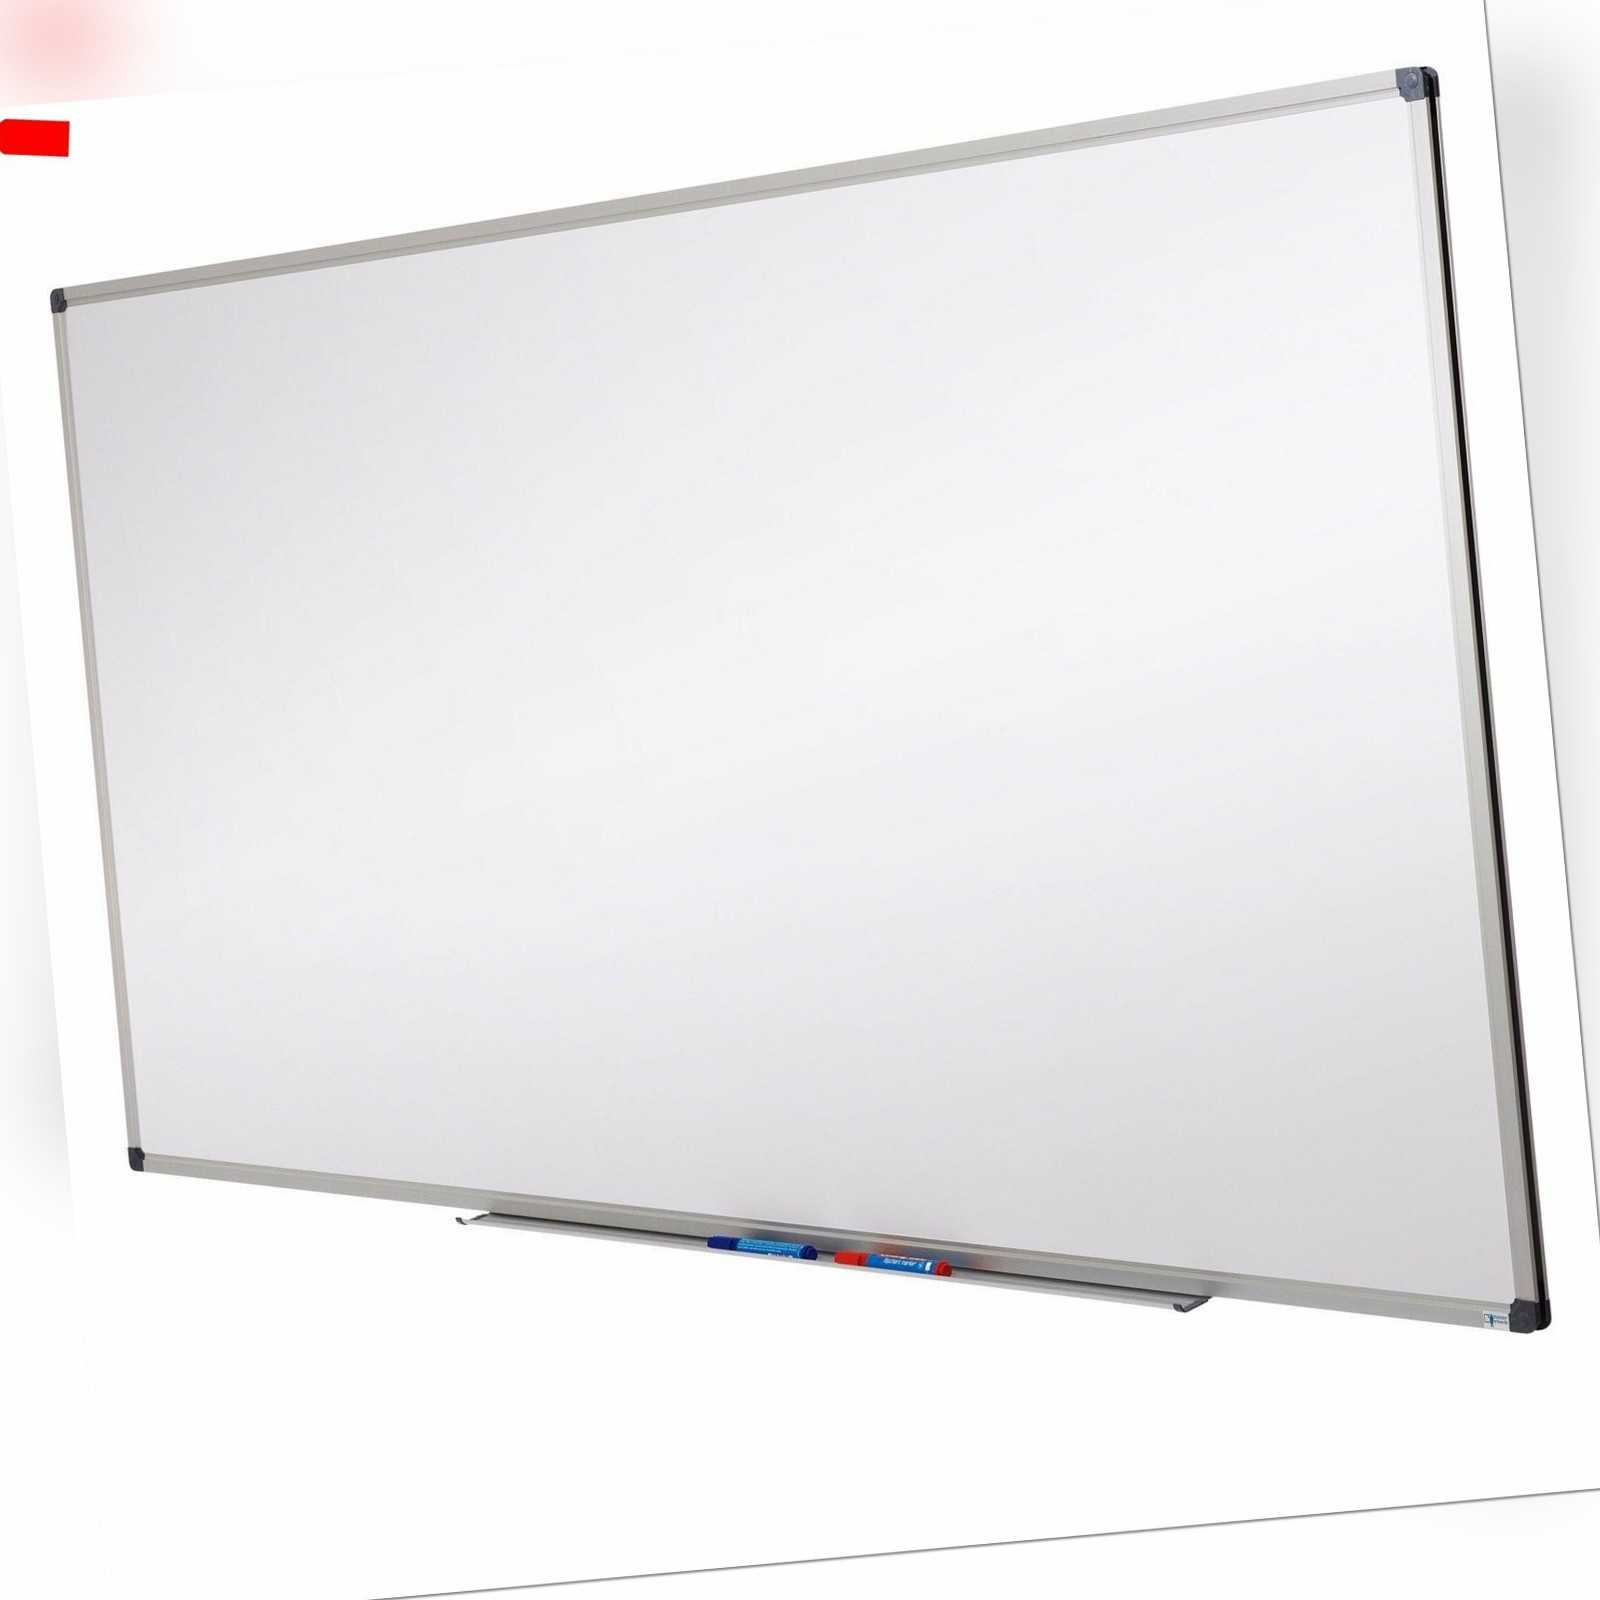 Whiteboard 90x60 | Schreibtafel Magnettafel Wandtafel |auch Zubehör zur Auswahl